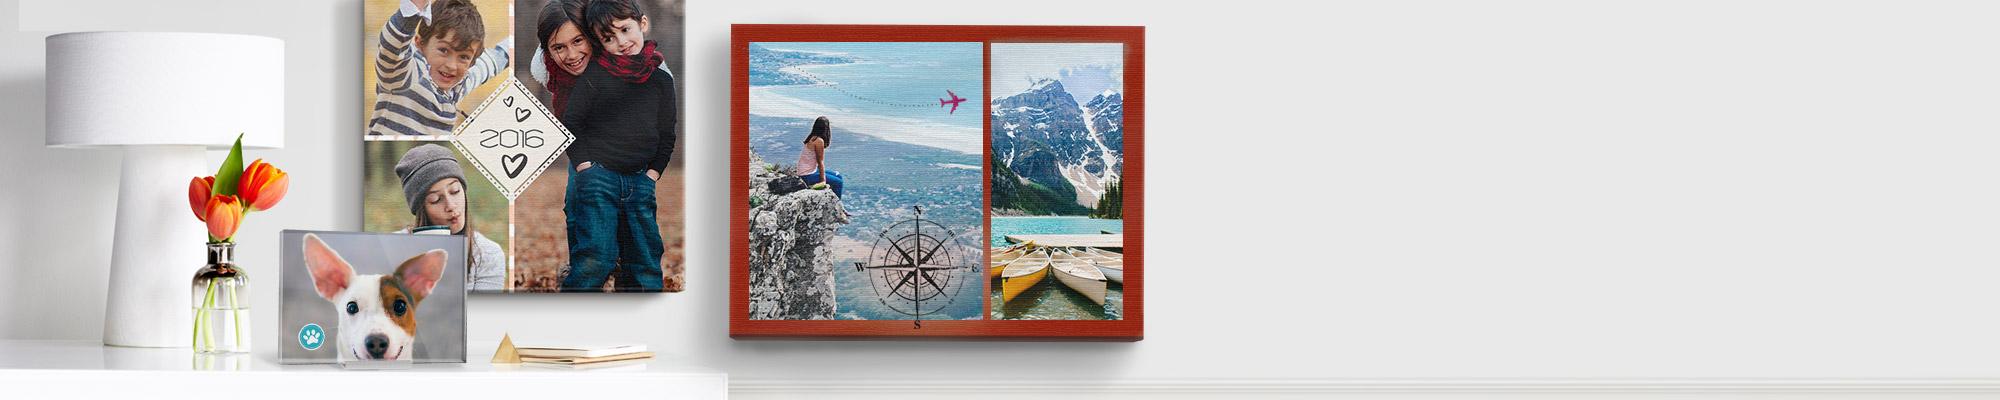 Leinwände und Wanddekoration : Verschönern Sie Ihr zuhause mit Dingen, die Ihnen wichtig sind.